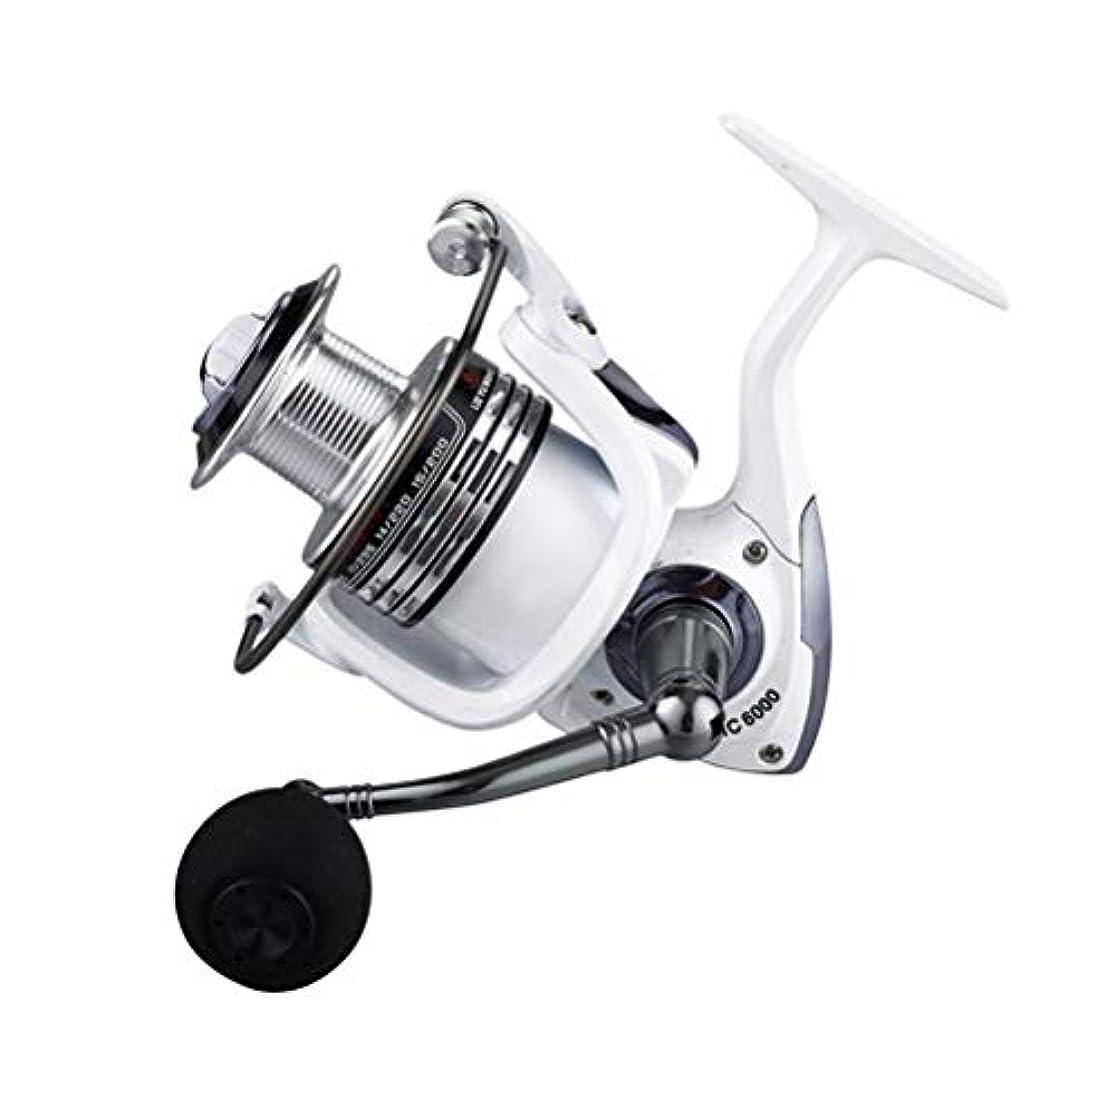 メロンヒント意気込みVORCOOL hc3000釣りリールアルミニウム海水または淡水釣り用の釣りリール(パールホワイト)